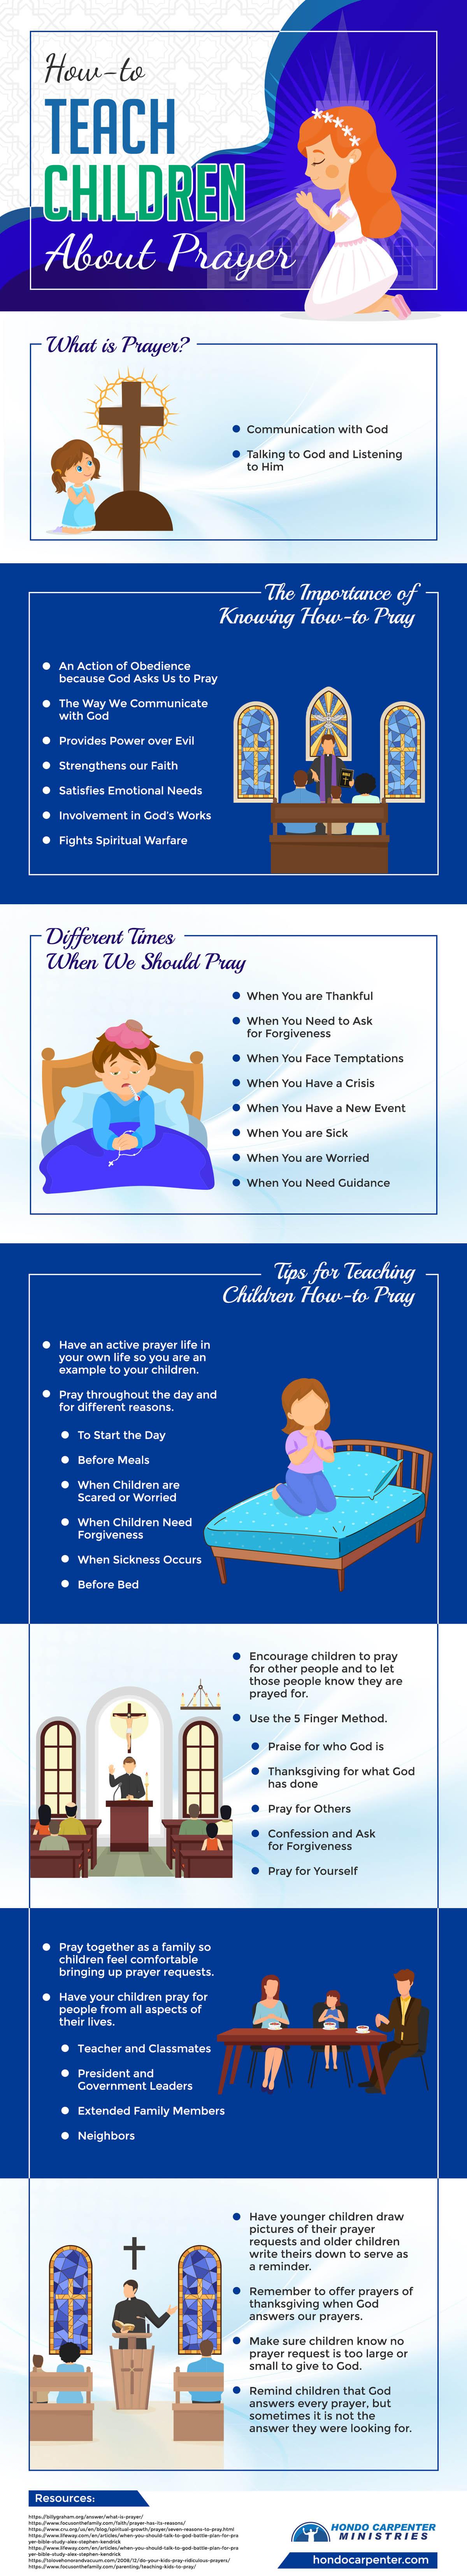 How To Teach Children About Prayer